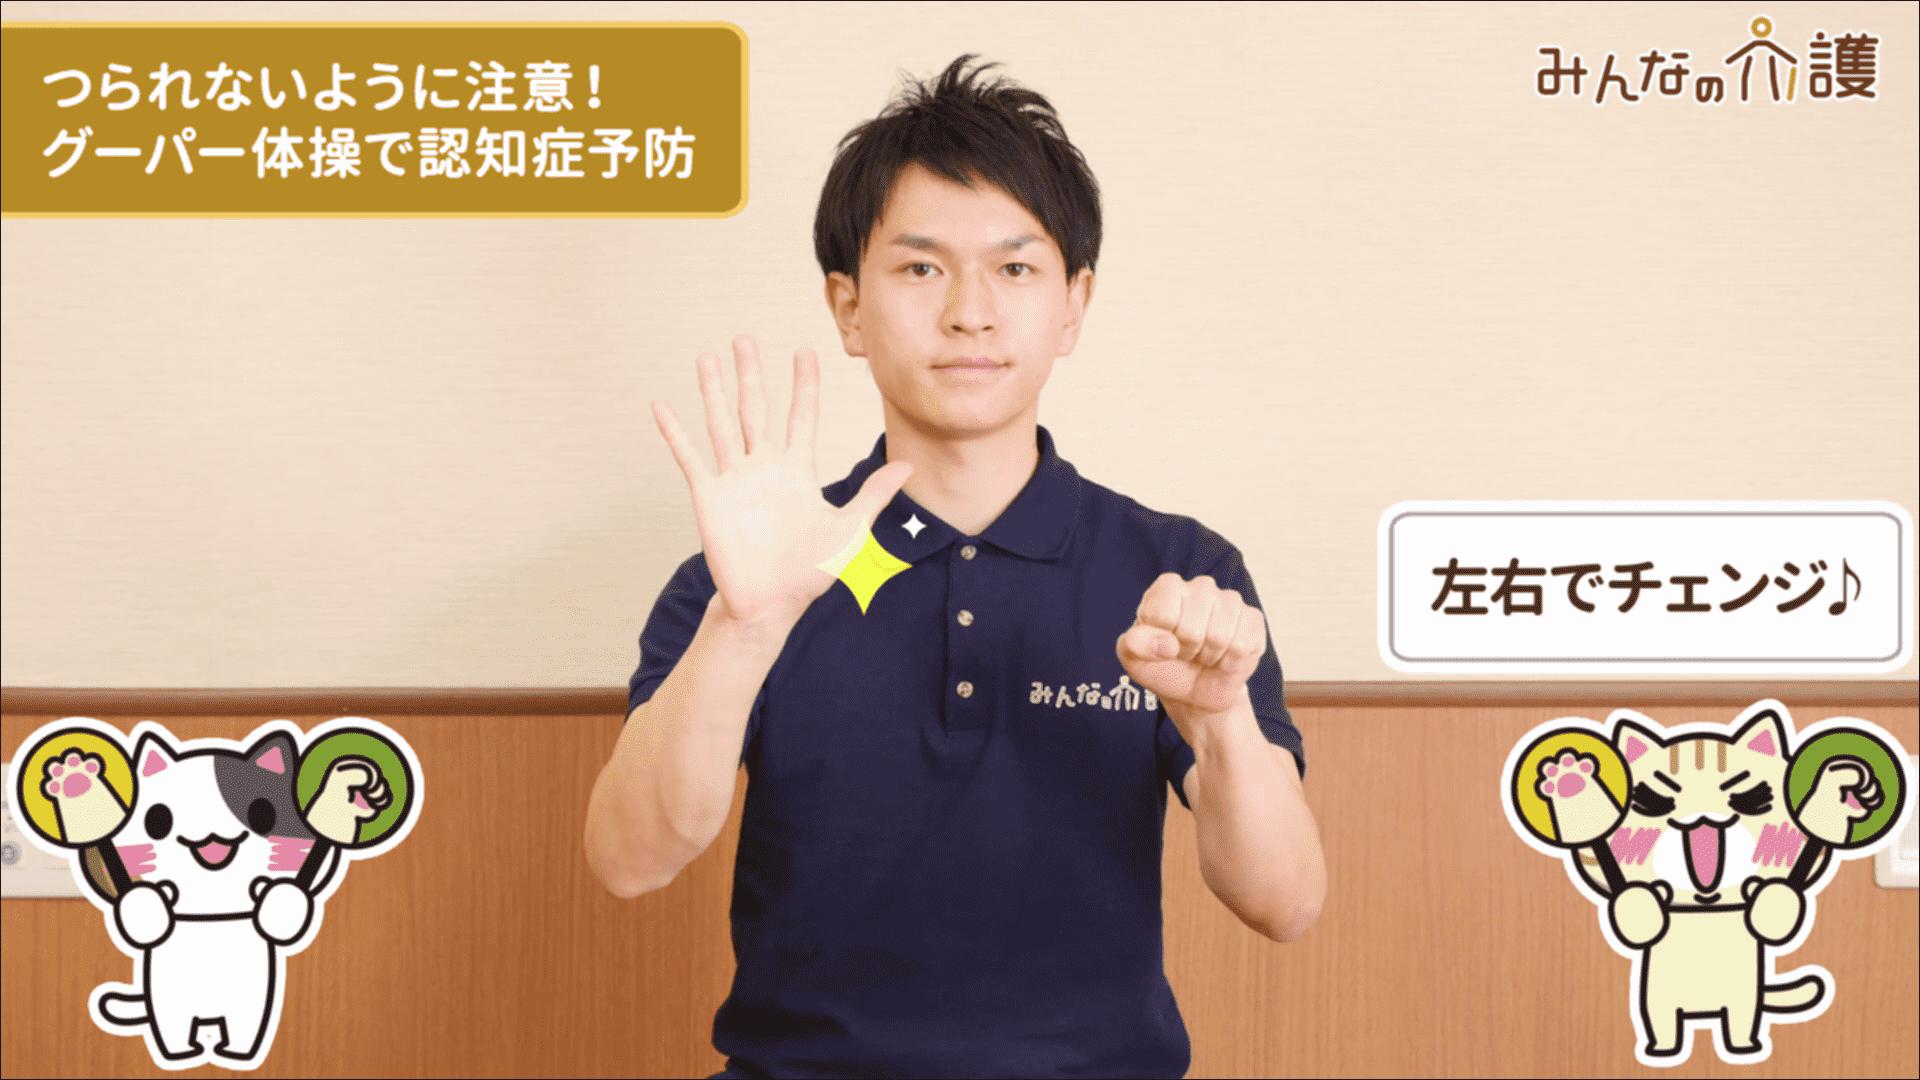 手の形を変えているイメージ